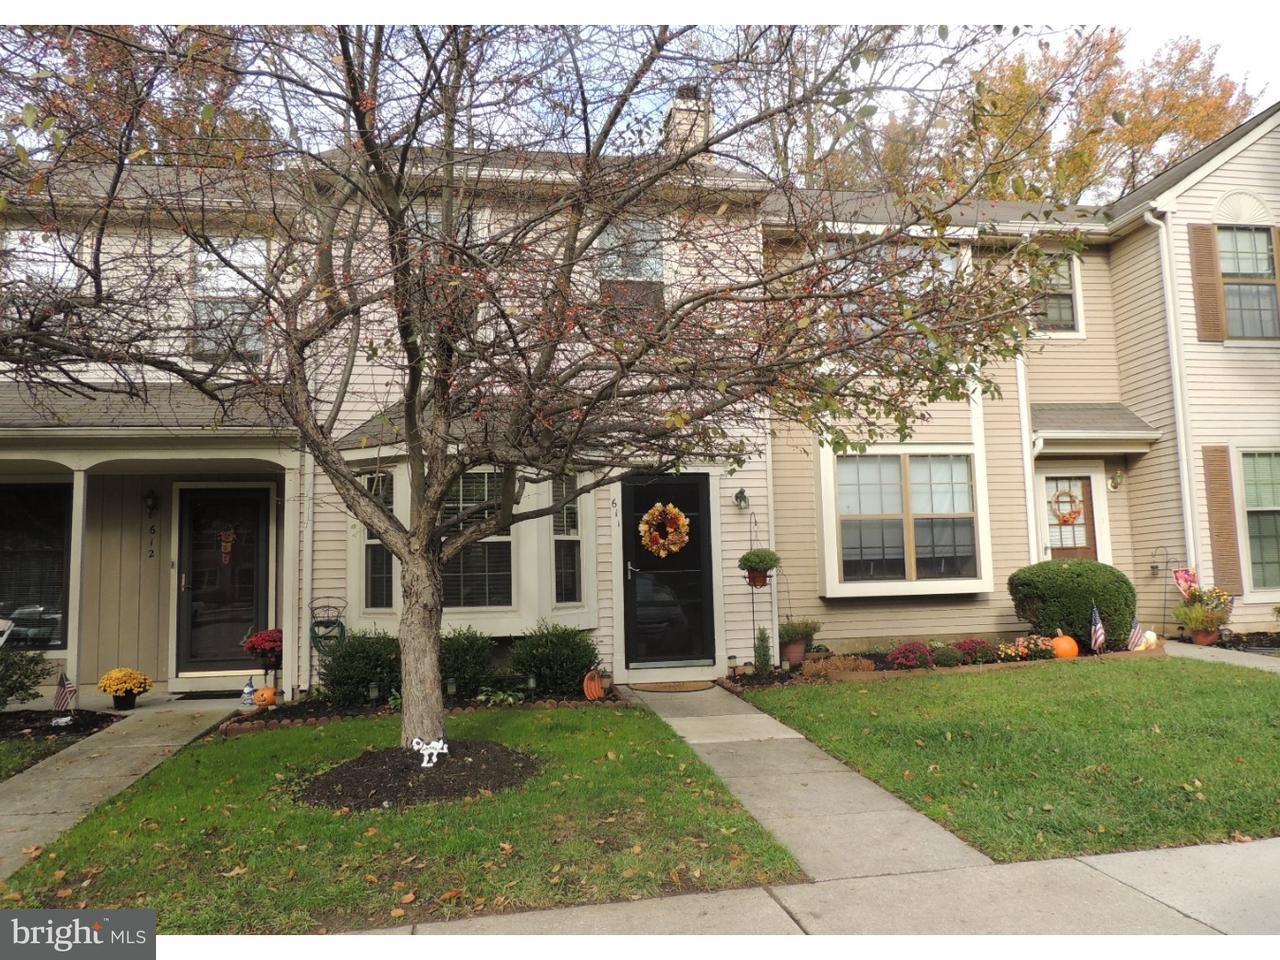 Casa unifamiliar adosada (Townhouse) por un Venta en 611 FOXTON Court Mantua, Nueva Jersey 08051 Estados Unidos